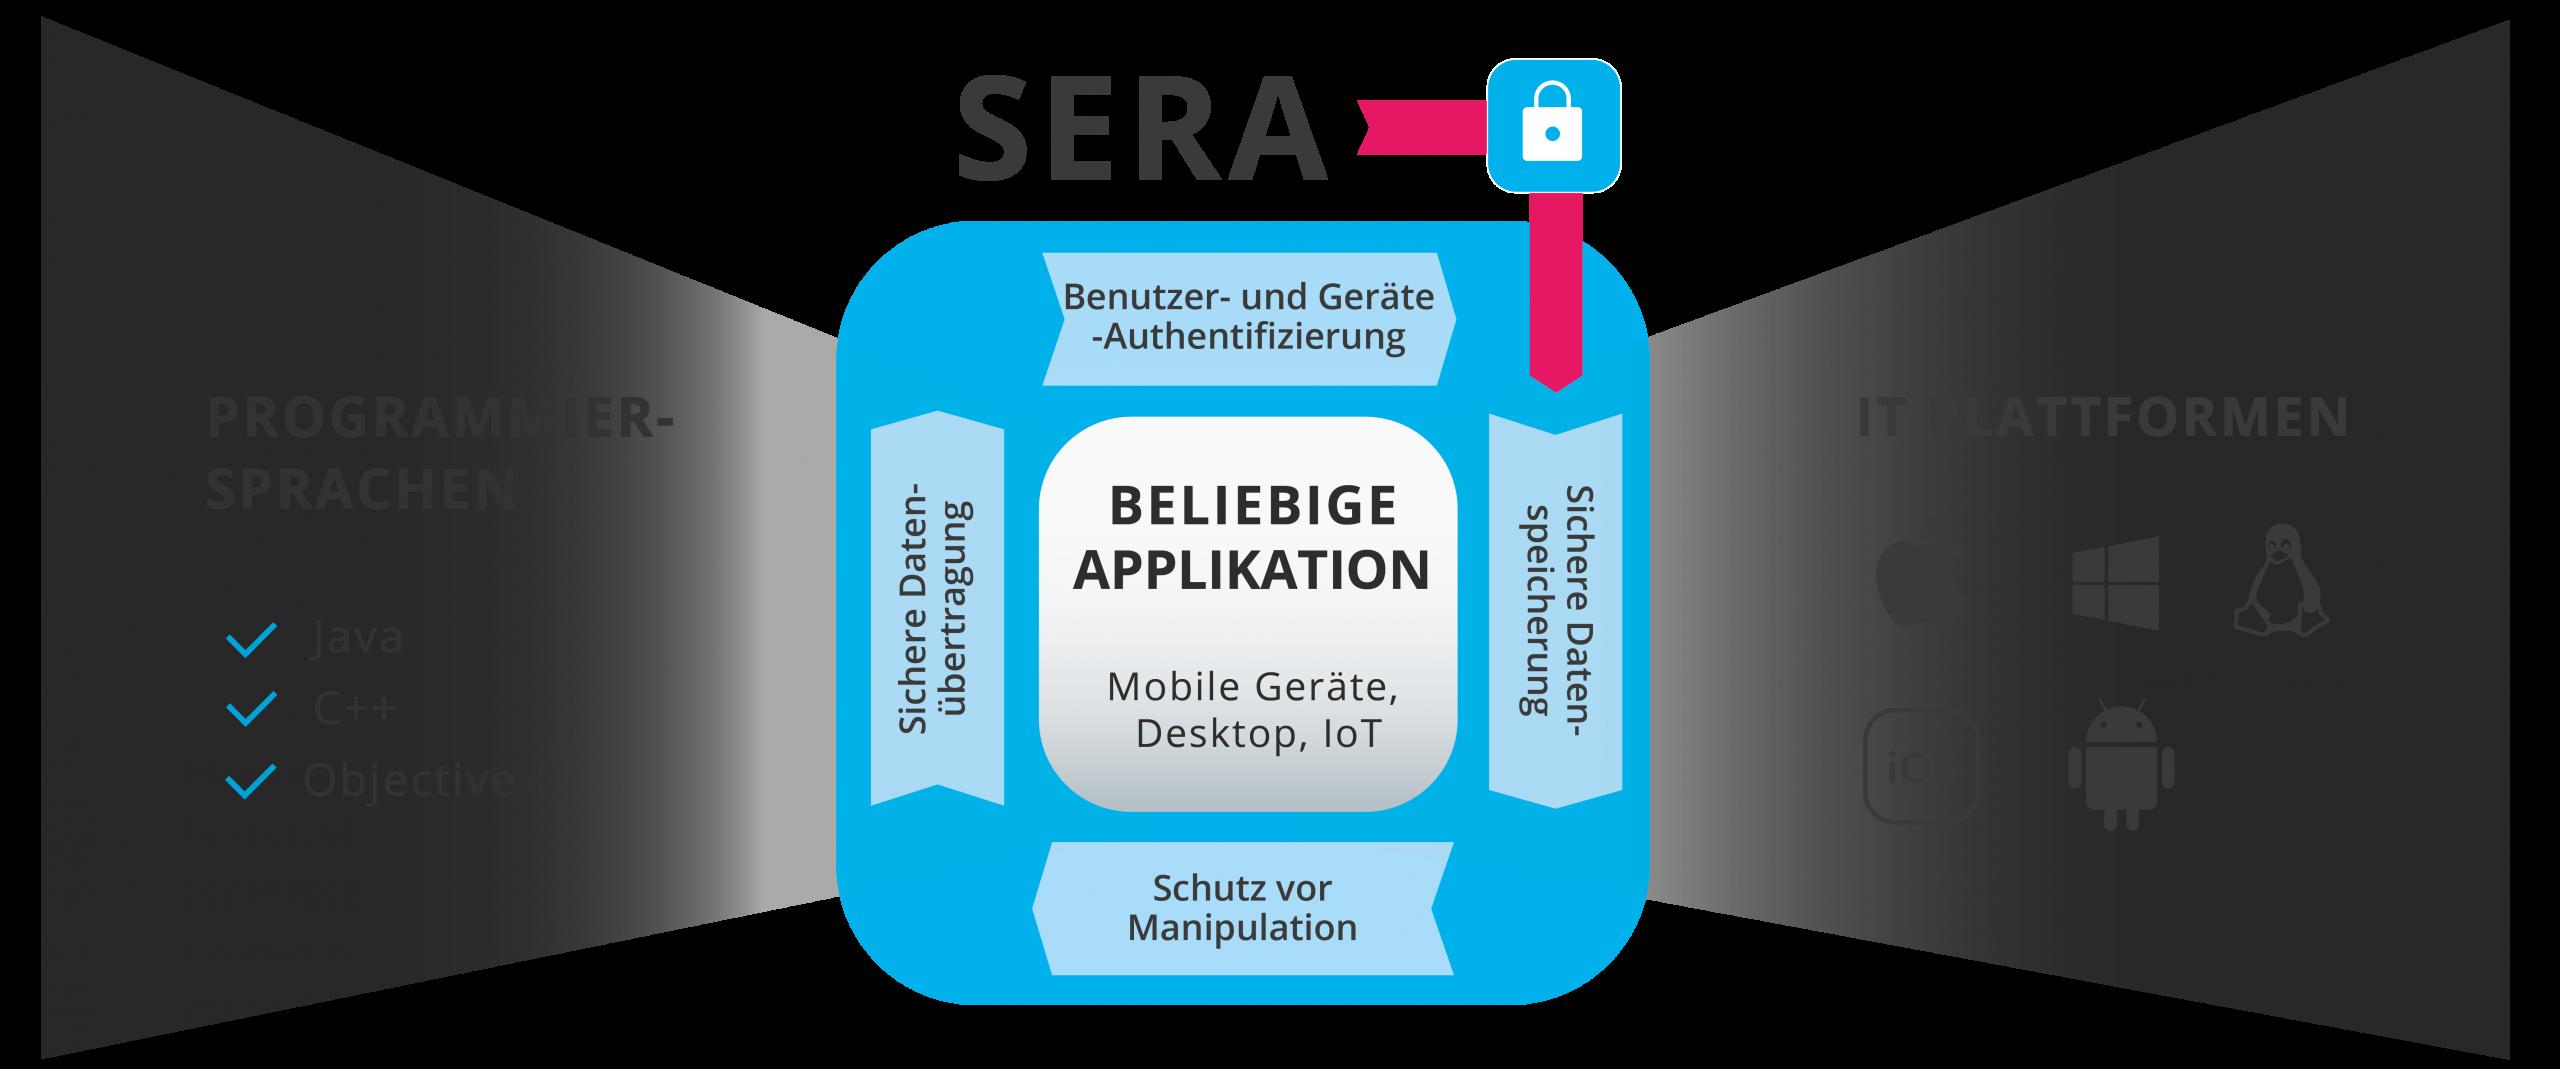 Plattformübergreifendes Security-Framework für sichere Applikationen